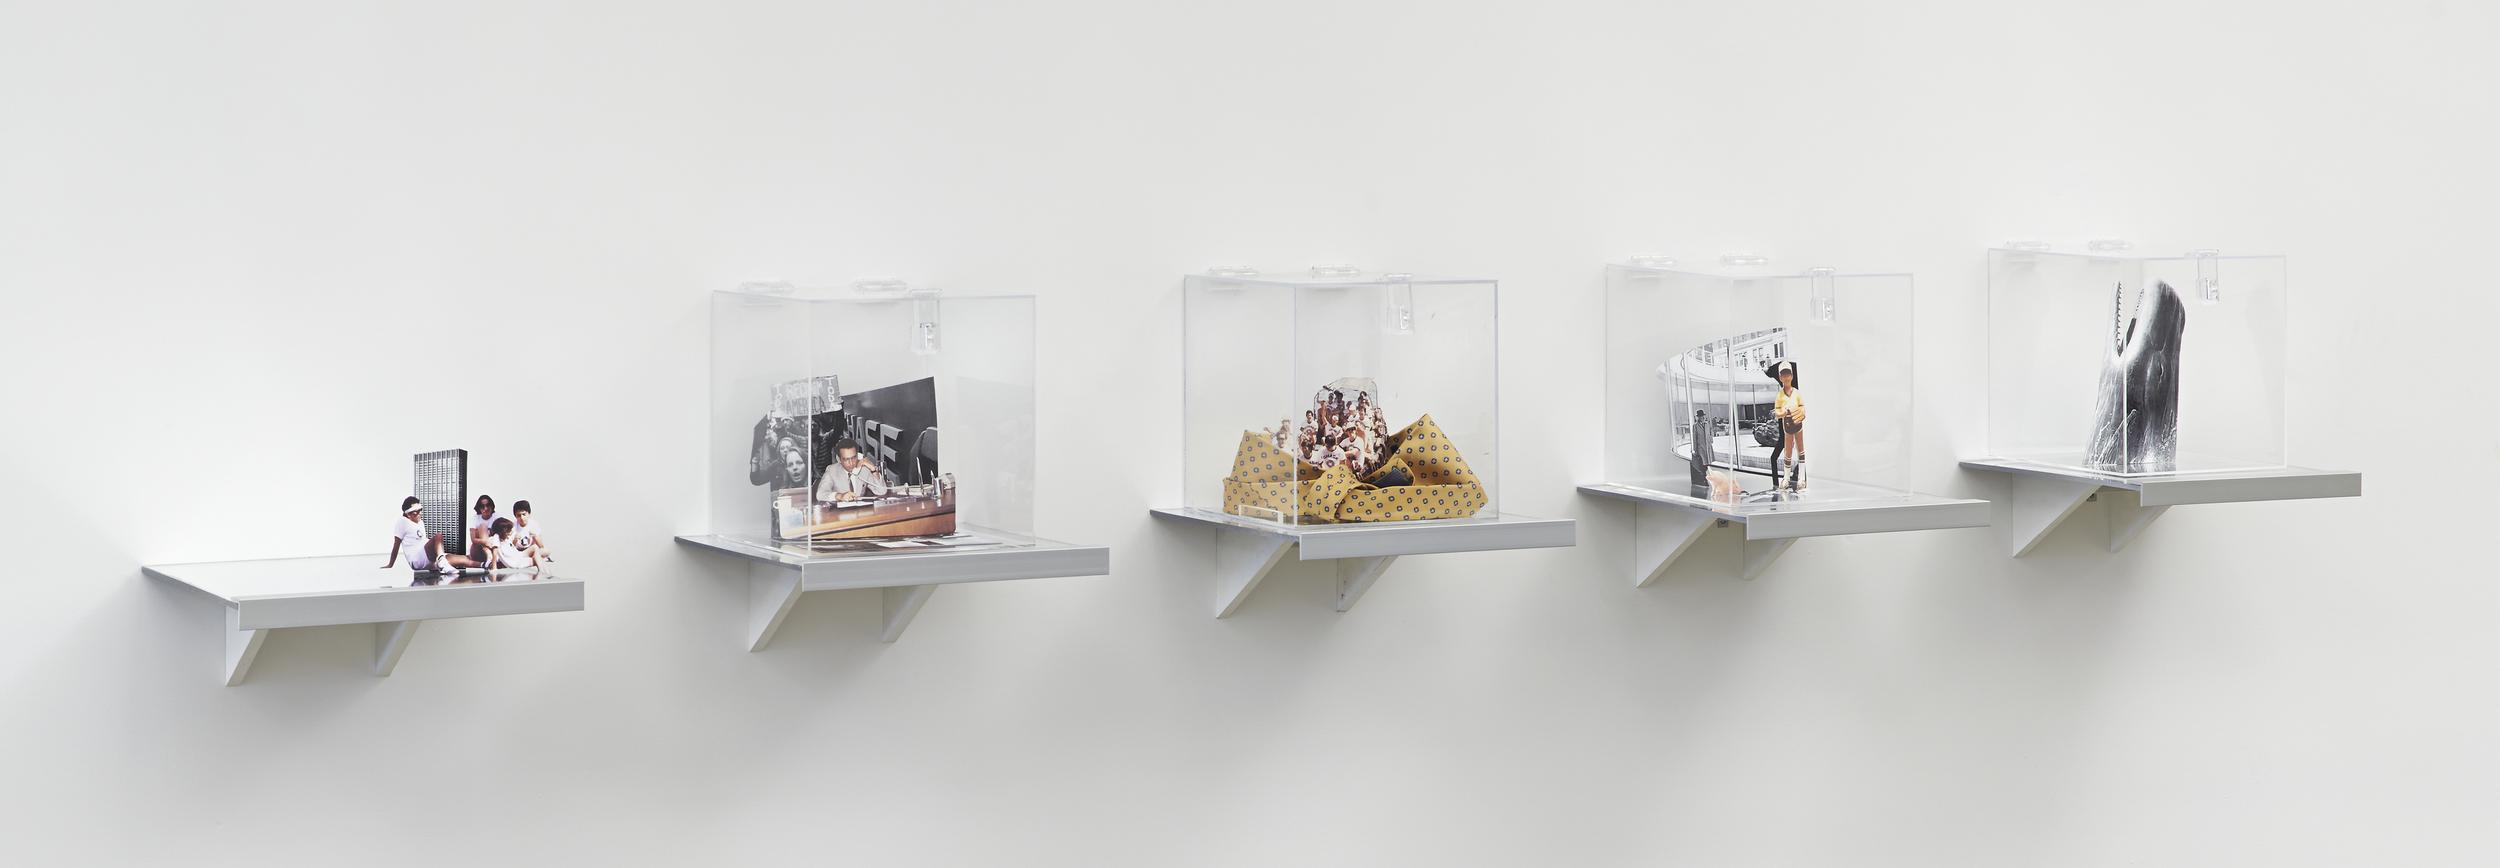 Plexiglass Boxes: Chase Manhattan Plaza: Origins I-V